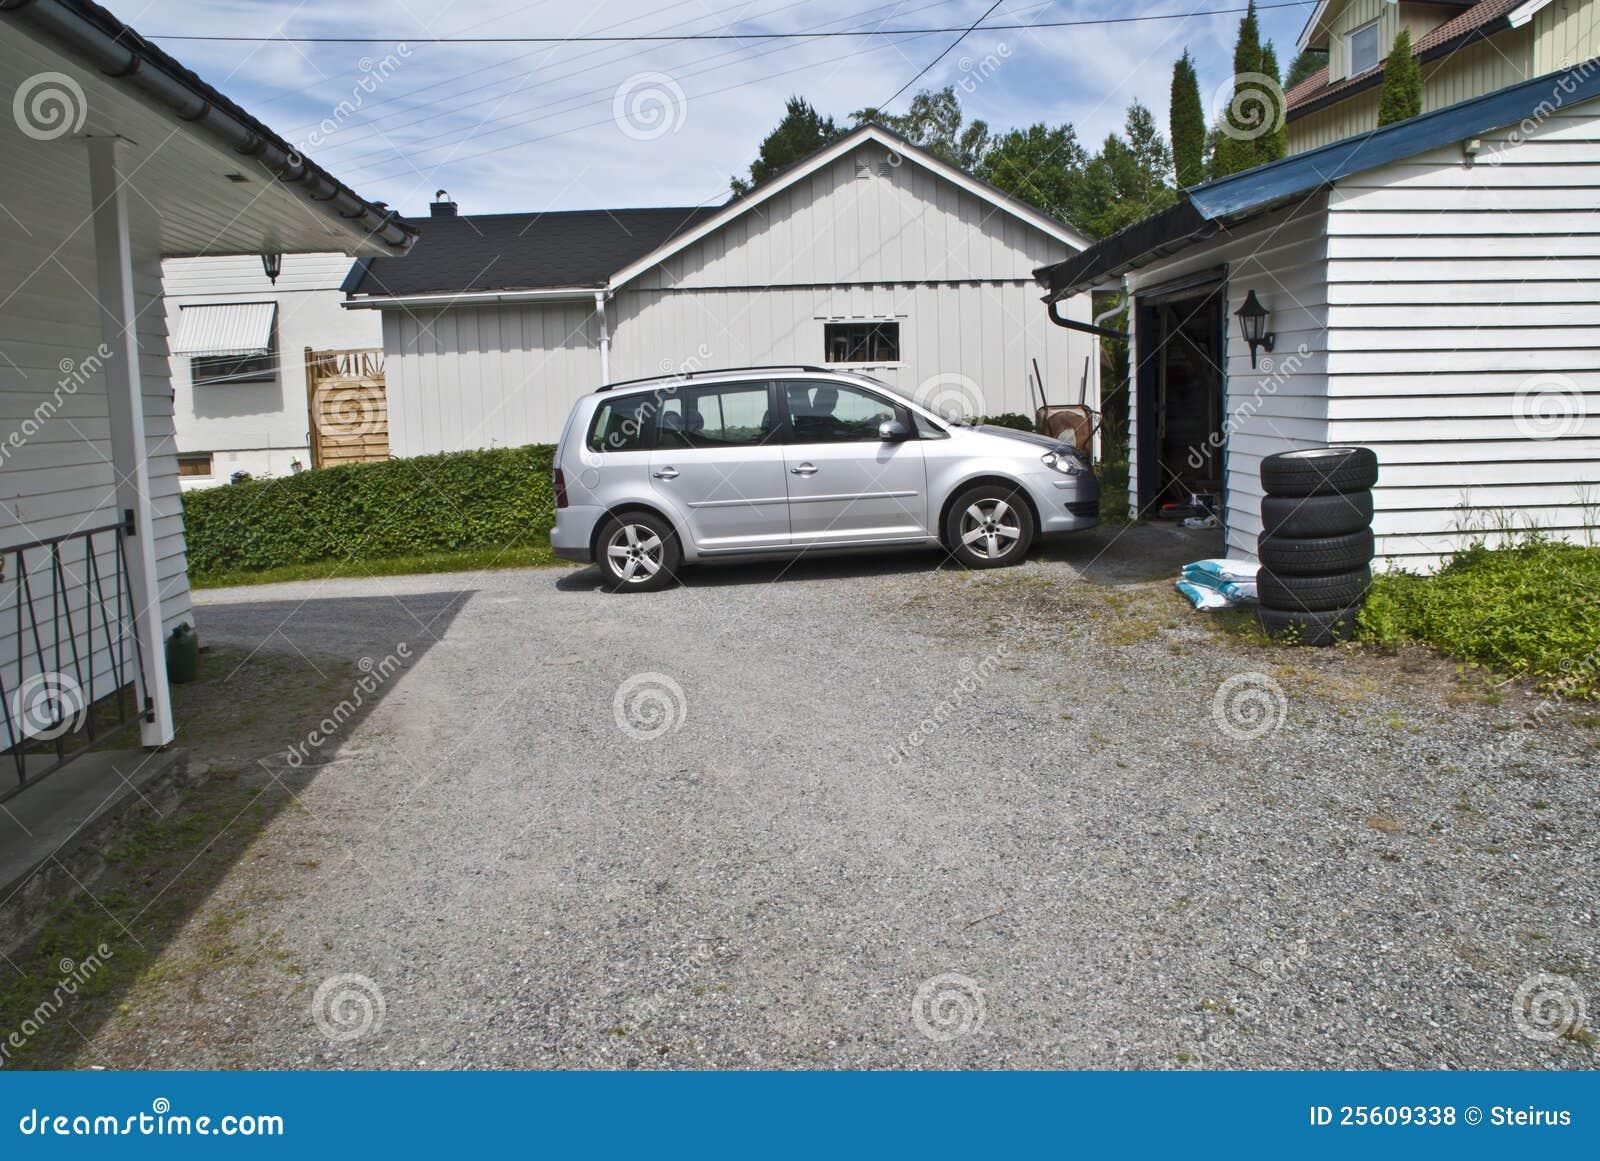 Fußboden Garage ~ Treiben sie das auto in die garage an stockfoto bild von fußboden